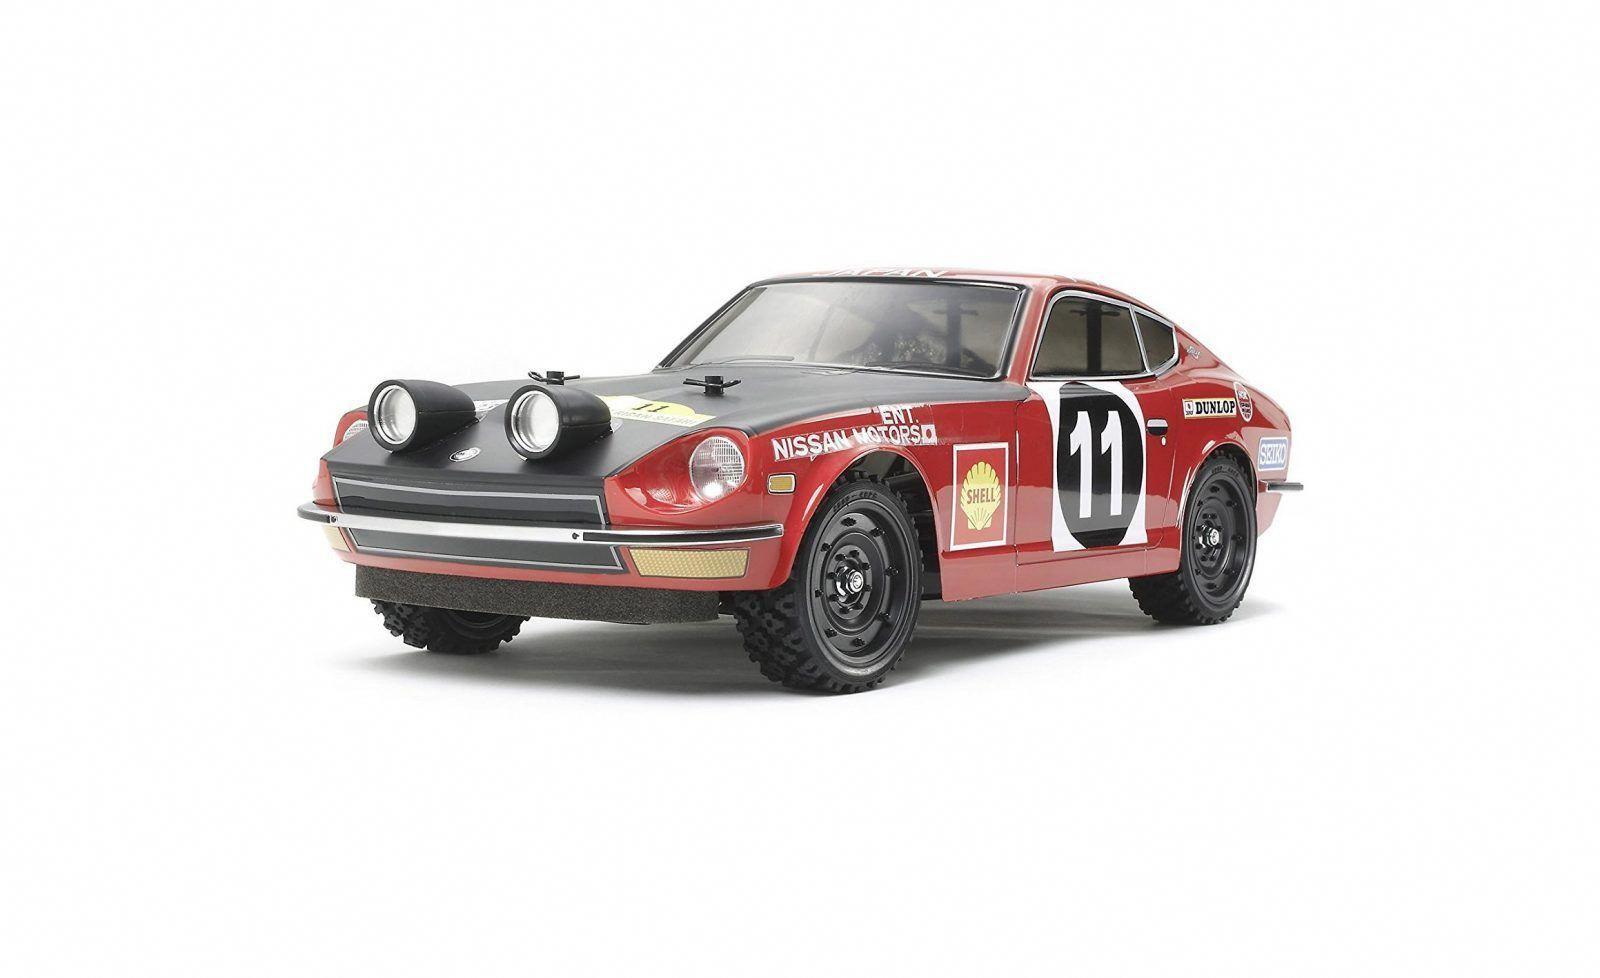 Tamiya 1 10 Scale Remote Control Datsun 240z Rally Version Datsun 240z Datsun Remote Control Cars